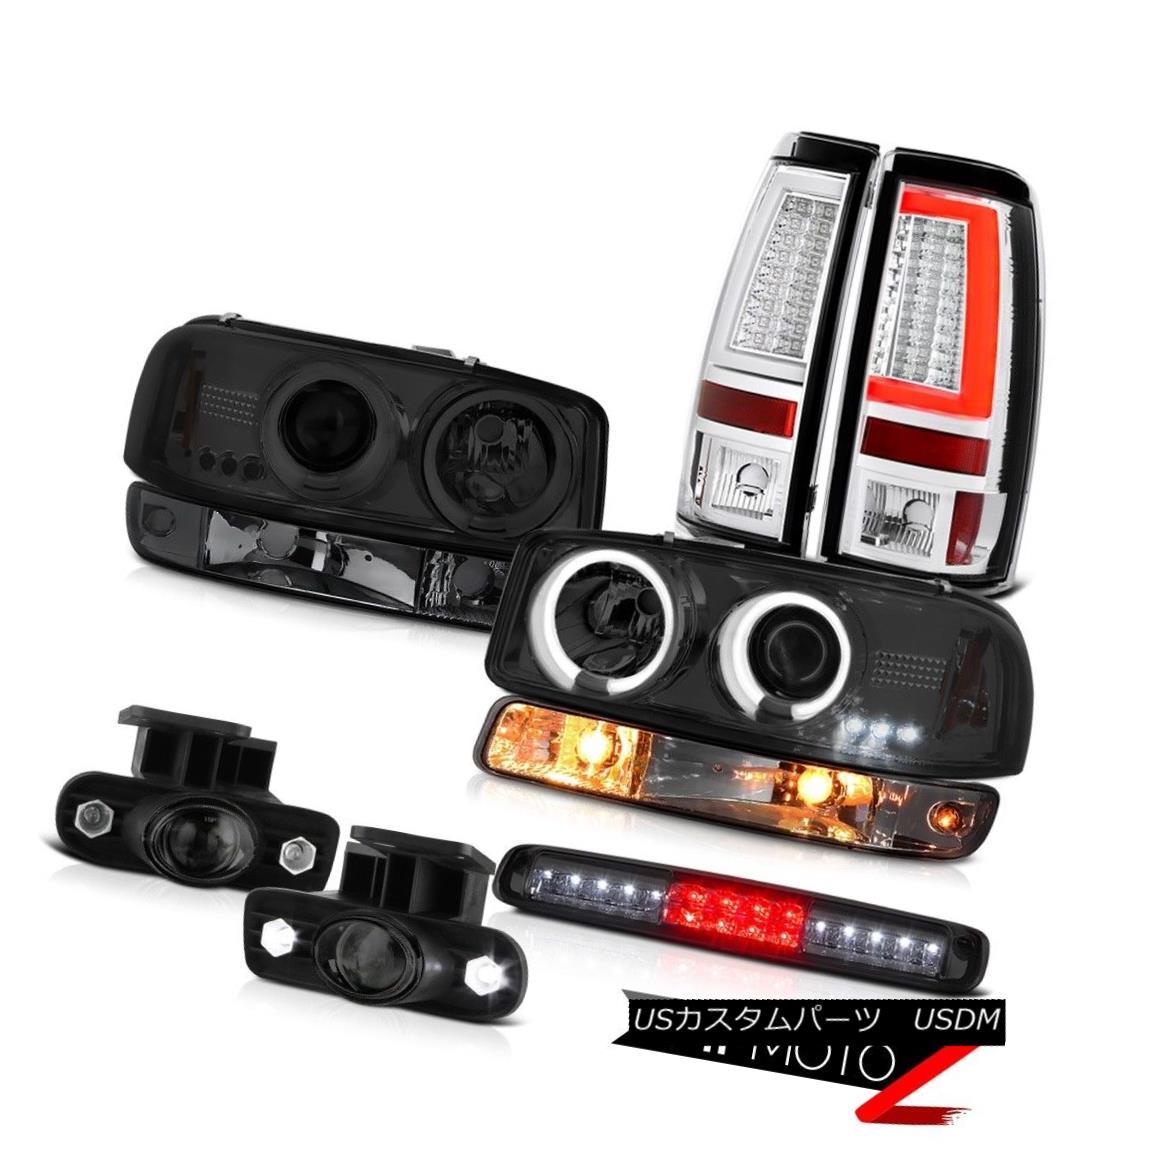 ヘッドライト 99 00 01 02 Sierra SLt Tail Lamps Roof Cab Lamp Signal Foglights CCFL Headlights 99 00 01 02シエラSLTテールランプルーフキャブランプ信号フォグライトCCFLヘッドライト